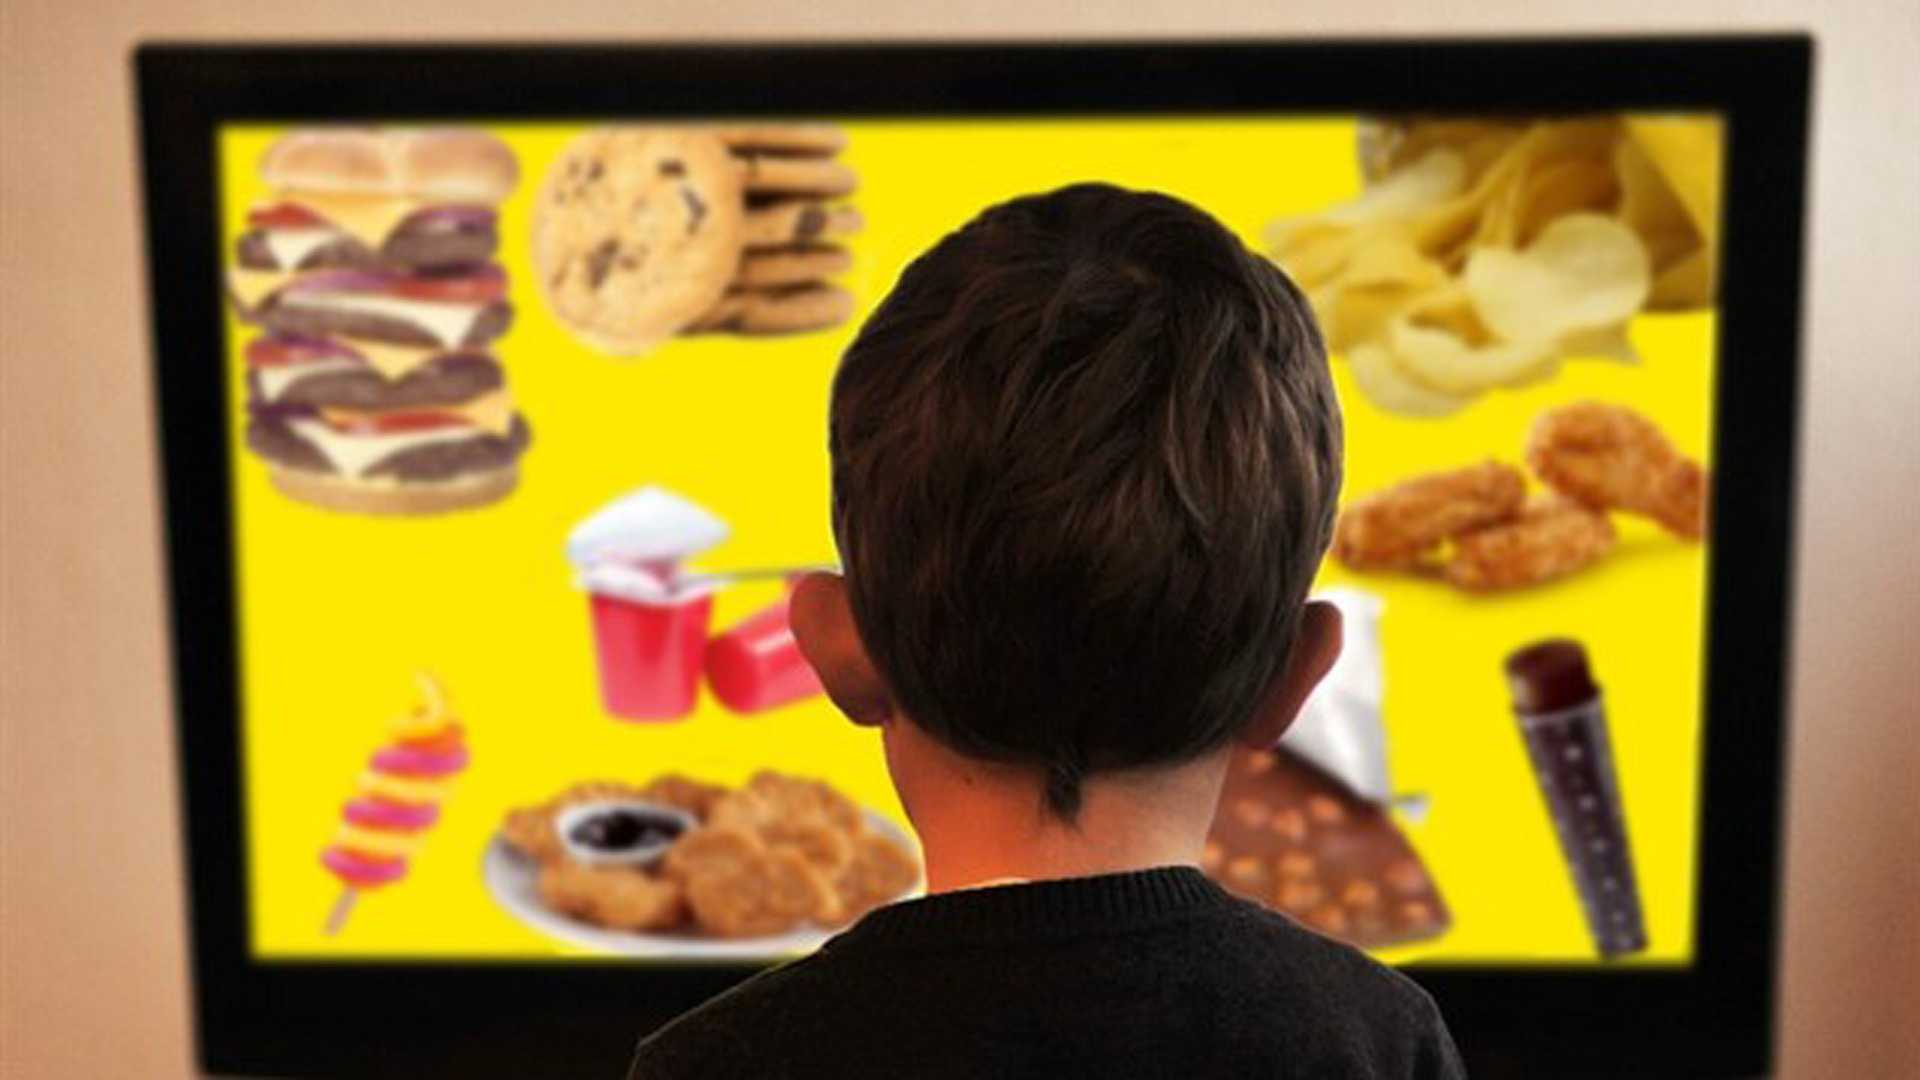 El objetivo es sólo publicitar a niños menores de 12 años los productos que cumplan con características nutricionales basadas en guías alimentarias con evidencia científica y en consenso entre los sectores público, privado y académico